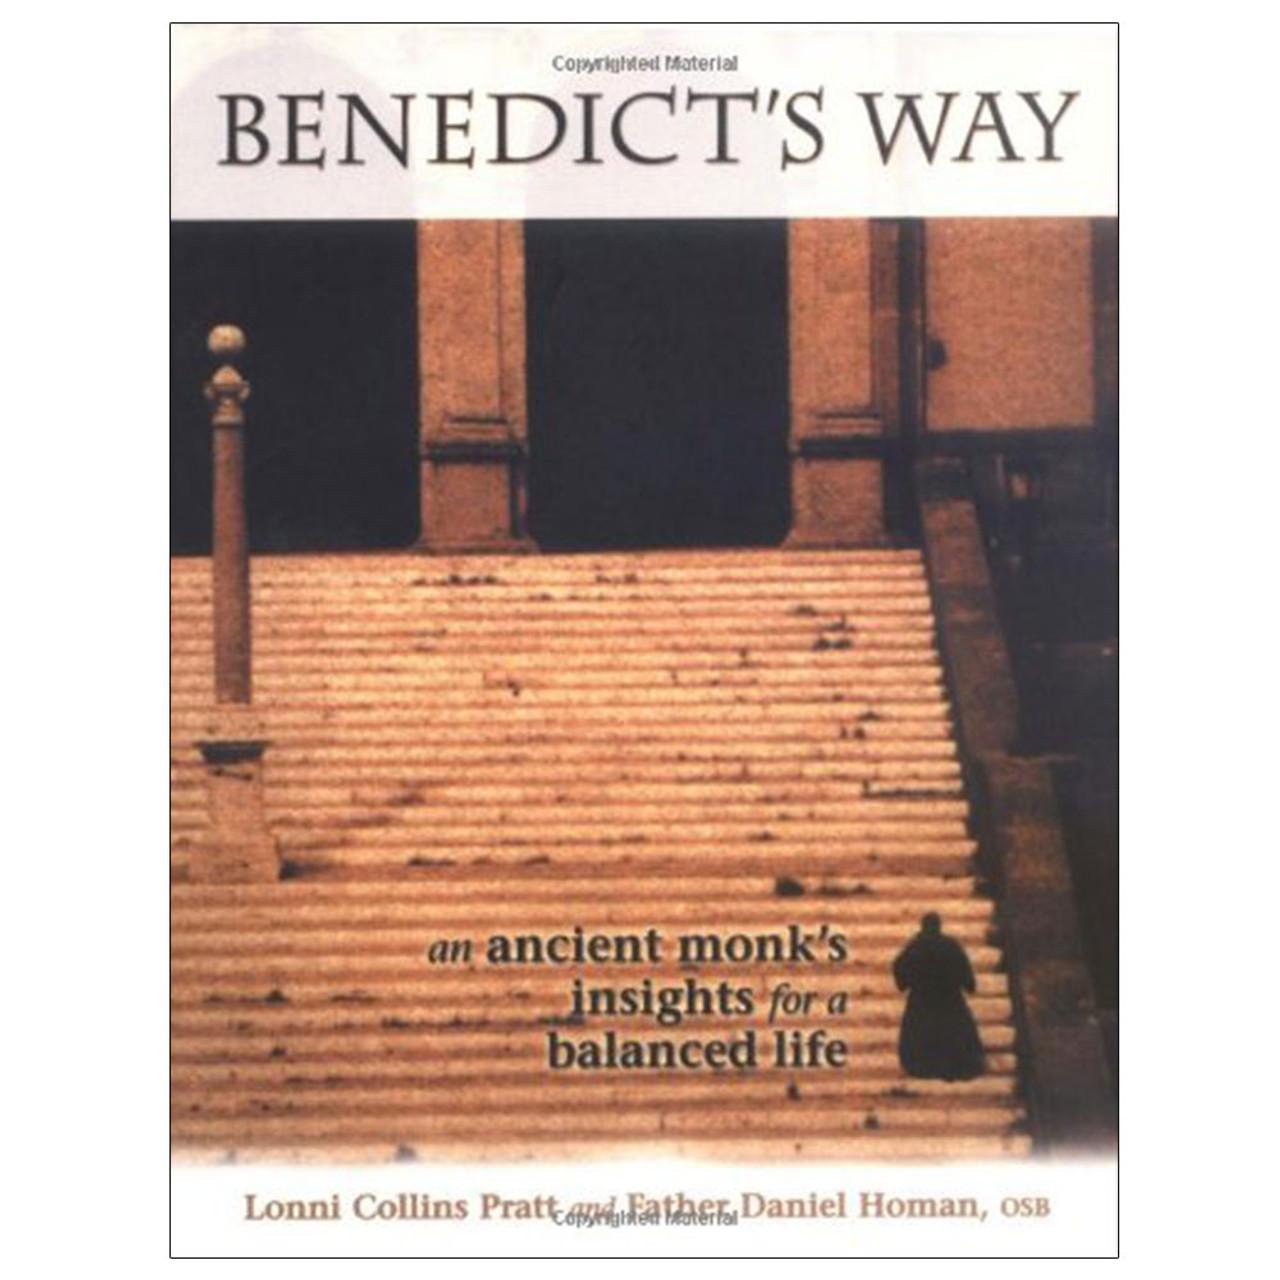 Benedict's Way